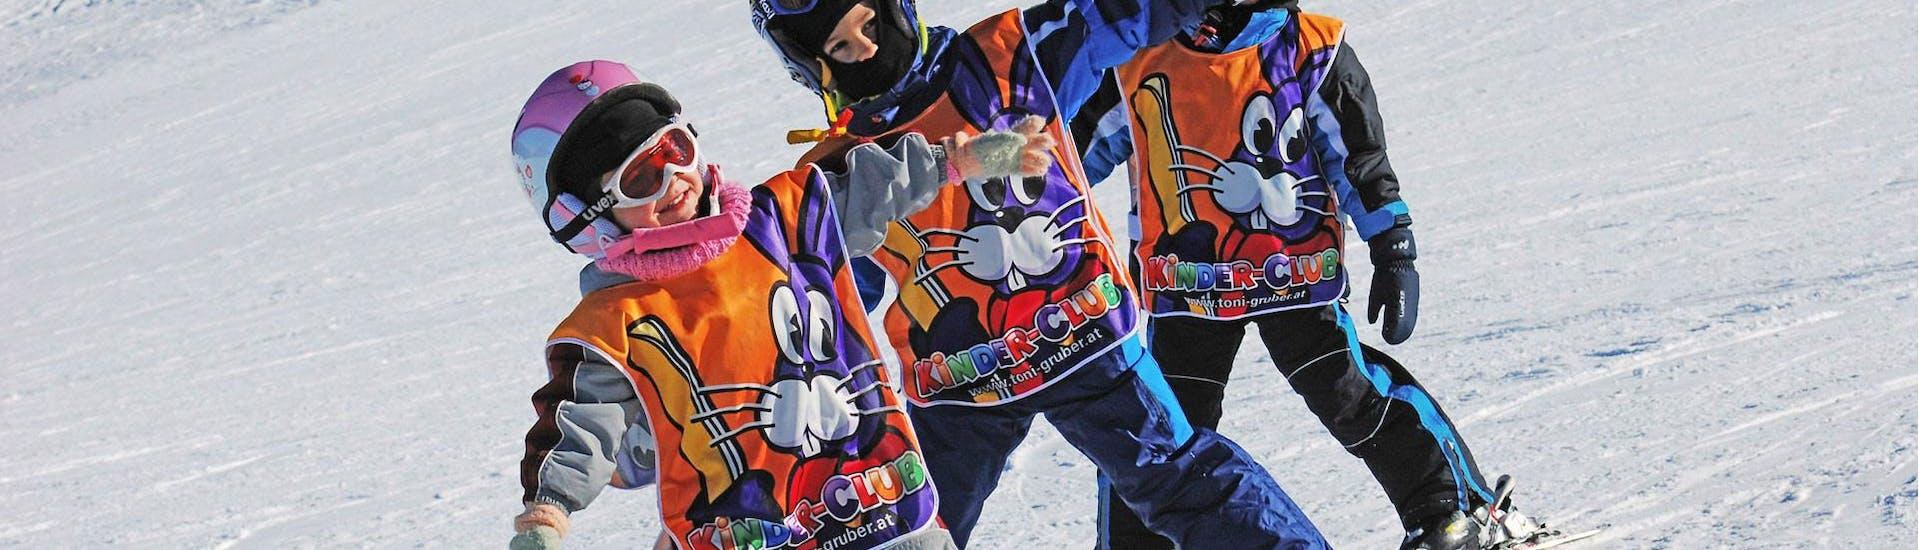 Cours particulier de ski Enfants pour Tous niveaux avec Skischule Toni Gruber Alpendorf - Hero image